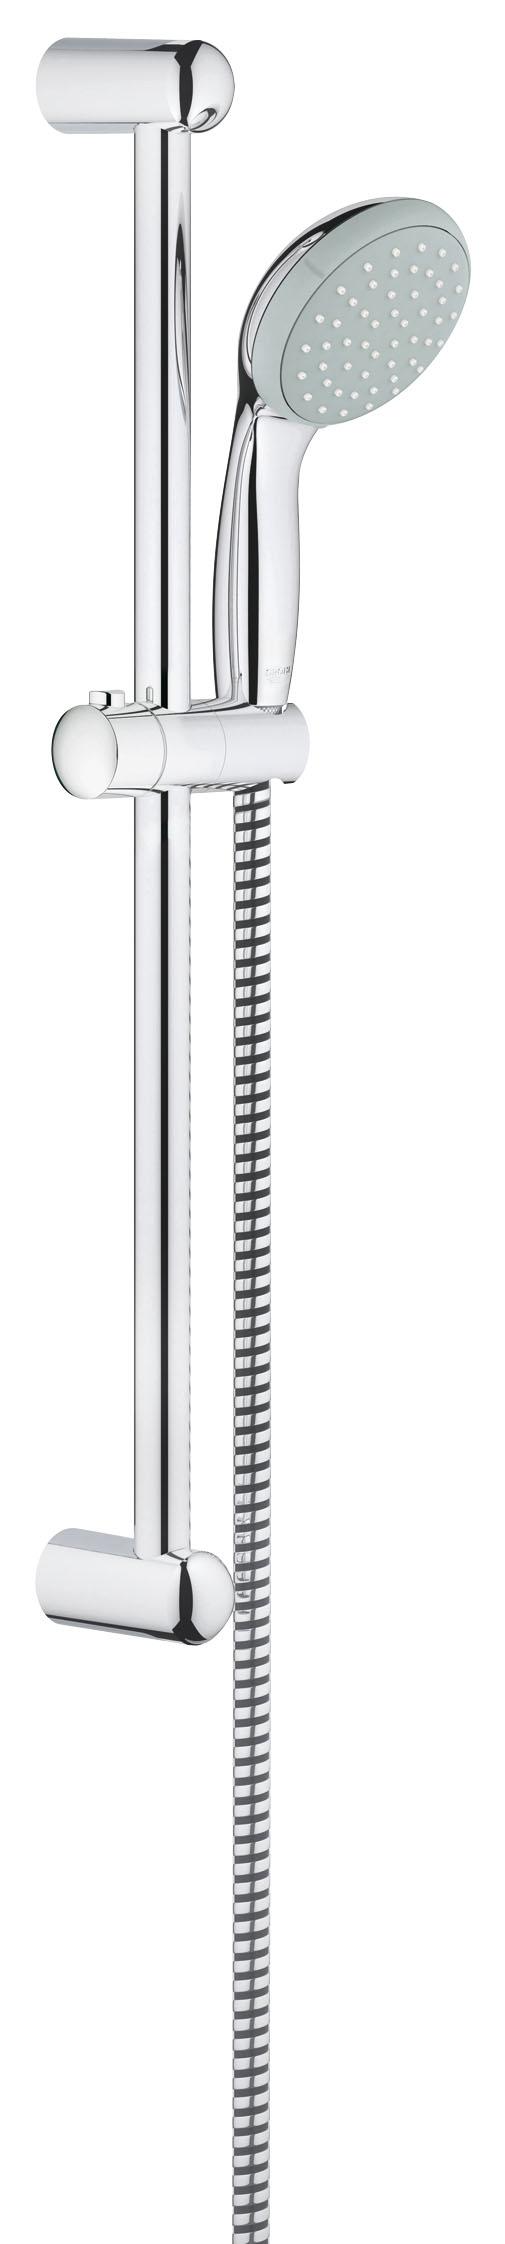 Душевой комплект GROHE New Tempesta, штанга 600мм. (27924000)1607500M17GROHE New Tempesta 100: душевой гарнитур со штангой длиной 600 мм и душевой головкой диаметром 100 мм, с водосберегающей технологией Если Вам необходимо сочетание великолепных функциональных характеристик и привлекательного дизайна, остановите свой выбор на этом душевом гарнитуре GROHE New Tempesta 100, в комплект которого входят душевая головка, душевая штанга и душевой шланг. Он оснащен водосберегающим механизмом GROHE EcoJoy, который даже при максимальном напоре ограничивает расход воды 9,5 литрами в минуту, позволяя спокойно наслаждаться длительным купанием. В режиме струи Rain поток капель погрузит Вас в ощущение неги, как при посещении спа, в то время как технология GROHE DreamSpray обеспечит равномерность подачи воды через все форсунки. В конструкции душевой головки предусмотрена система SpeedClean, предотвращающая известкование. Глянцевое хромированное покрытие GROHE StarLight достаточно протирать сухой салфеткой для поддержания его безупречной чистоты. Благодаря всем этим преимуществам данный душевой гарнитур является идеальным выбором, который обеспечит Вам ежедневный комфорт. Особенности: Включает в себя:Ручной душ (27 923 000)Душевая штанга, 600 мм (27 523 000)Душевой шланг Relexaflex 1750 мм 1/2? x 1/2? (28 154 000)9,5 л/мин ограничитель расхода водыGROHE EcoJoy - технология совершенного потока при уменьшенном расходе воды GROHE DreamSpray превосходный поток водыGROHE StarLight хромированная поверхность С системой SpeedClean против известковых отложенийВнутренний охлаждающий канал для продолжительного срока службыShockProof силиконовое кольцо, предотвращающее Повреждение поверхности при падении ручного душаМожет использоваться с проточным водонагревателемВидео по установке является исключительно информационным. Установка должна проводиться профессионалами!